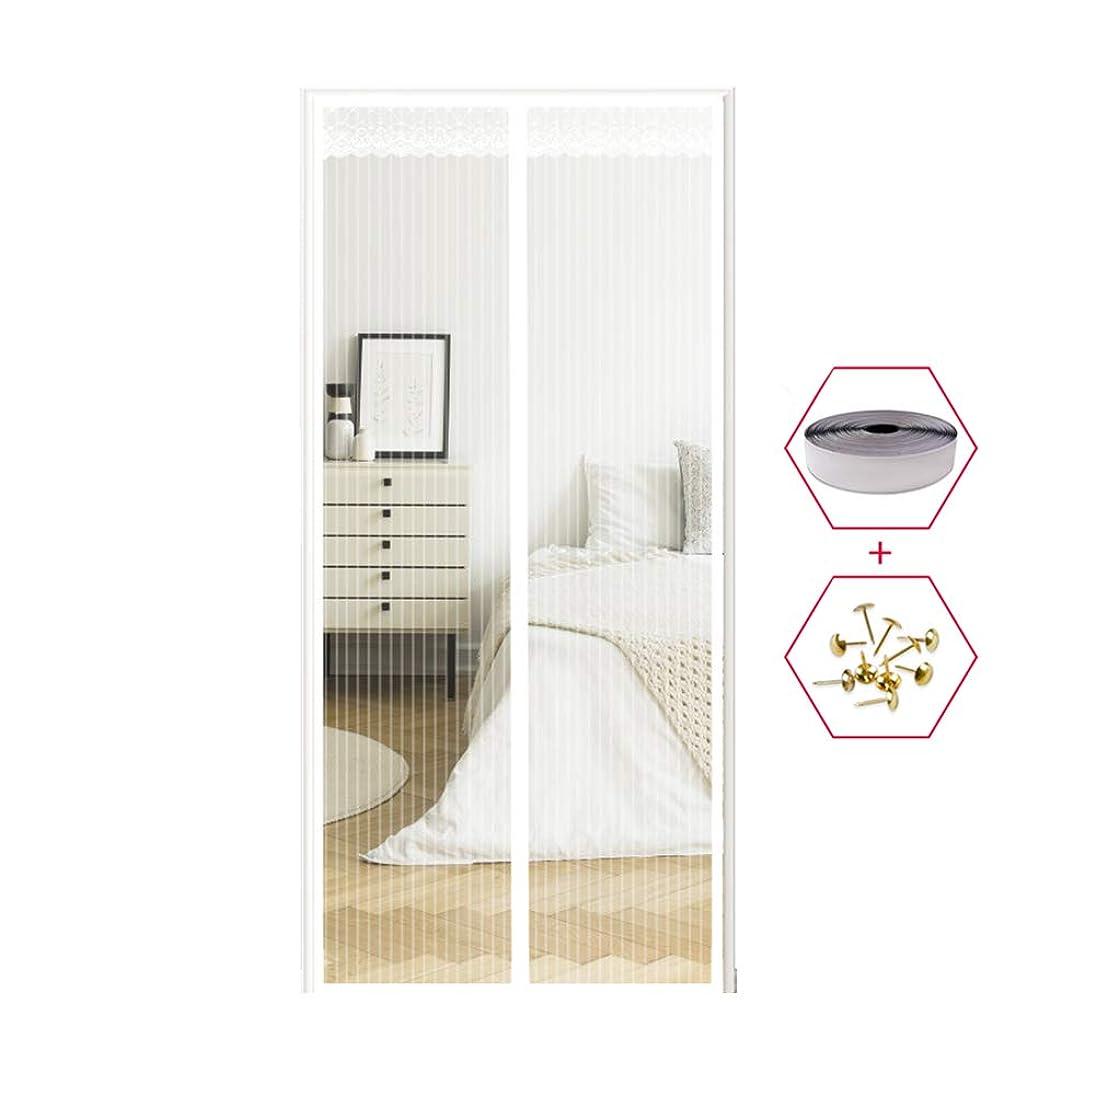 疑い属性ソロ磁気フライスクリーンドア印刷、強力な磁石とフルフレームマジックテープとヘビーデューティバグメッシュカーテン、昆虫保護ドアなしギャップ,White,90x210cm